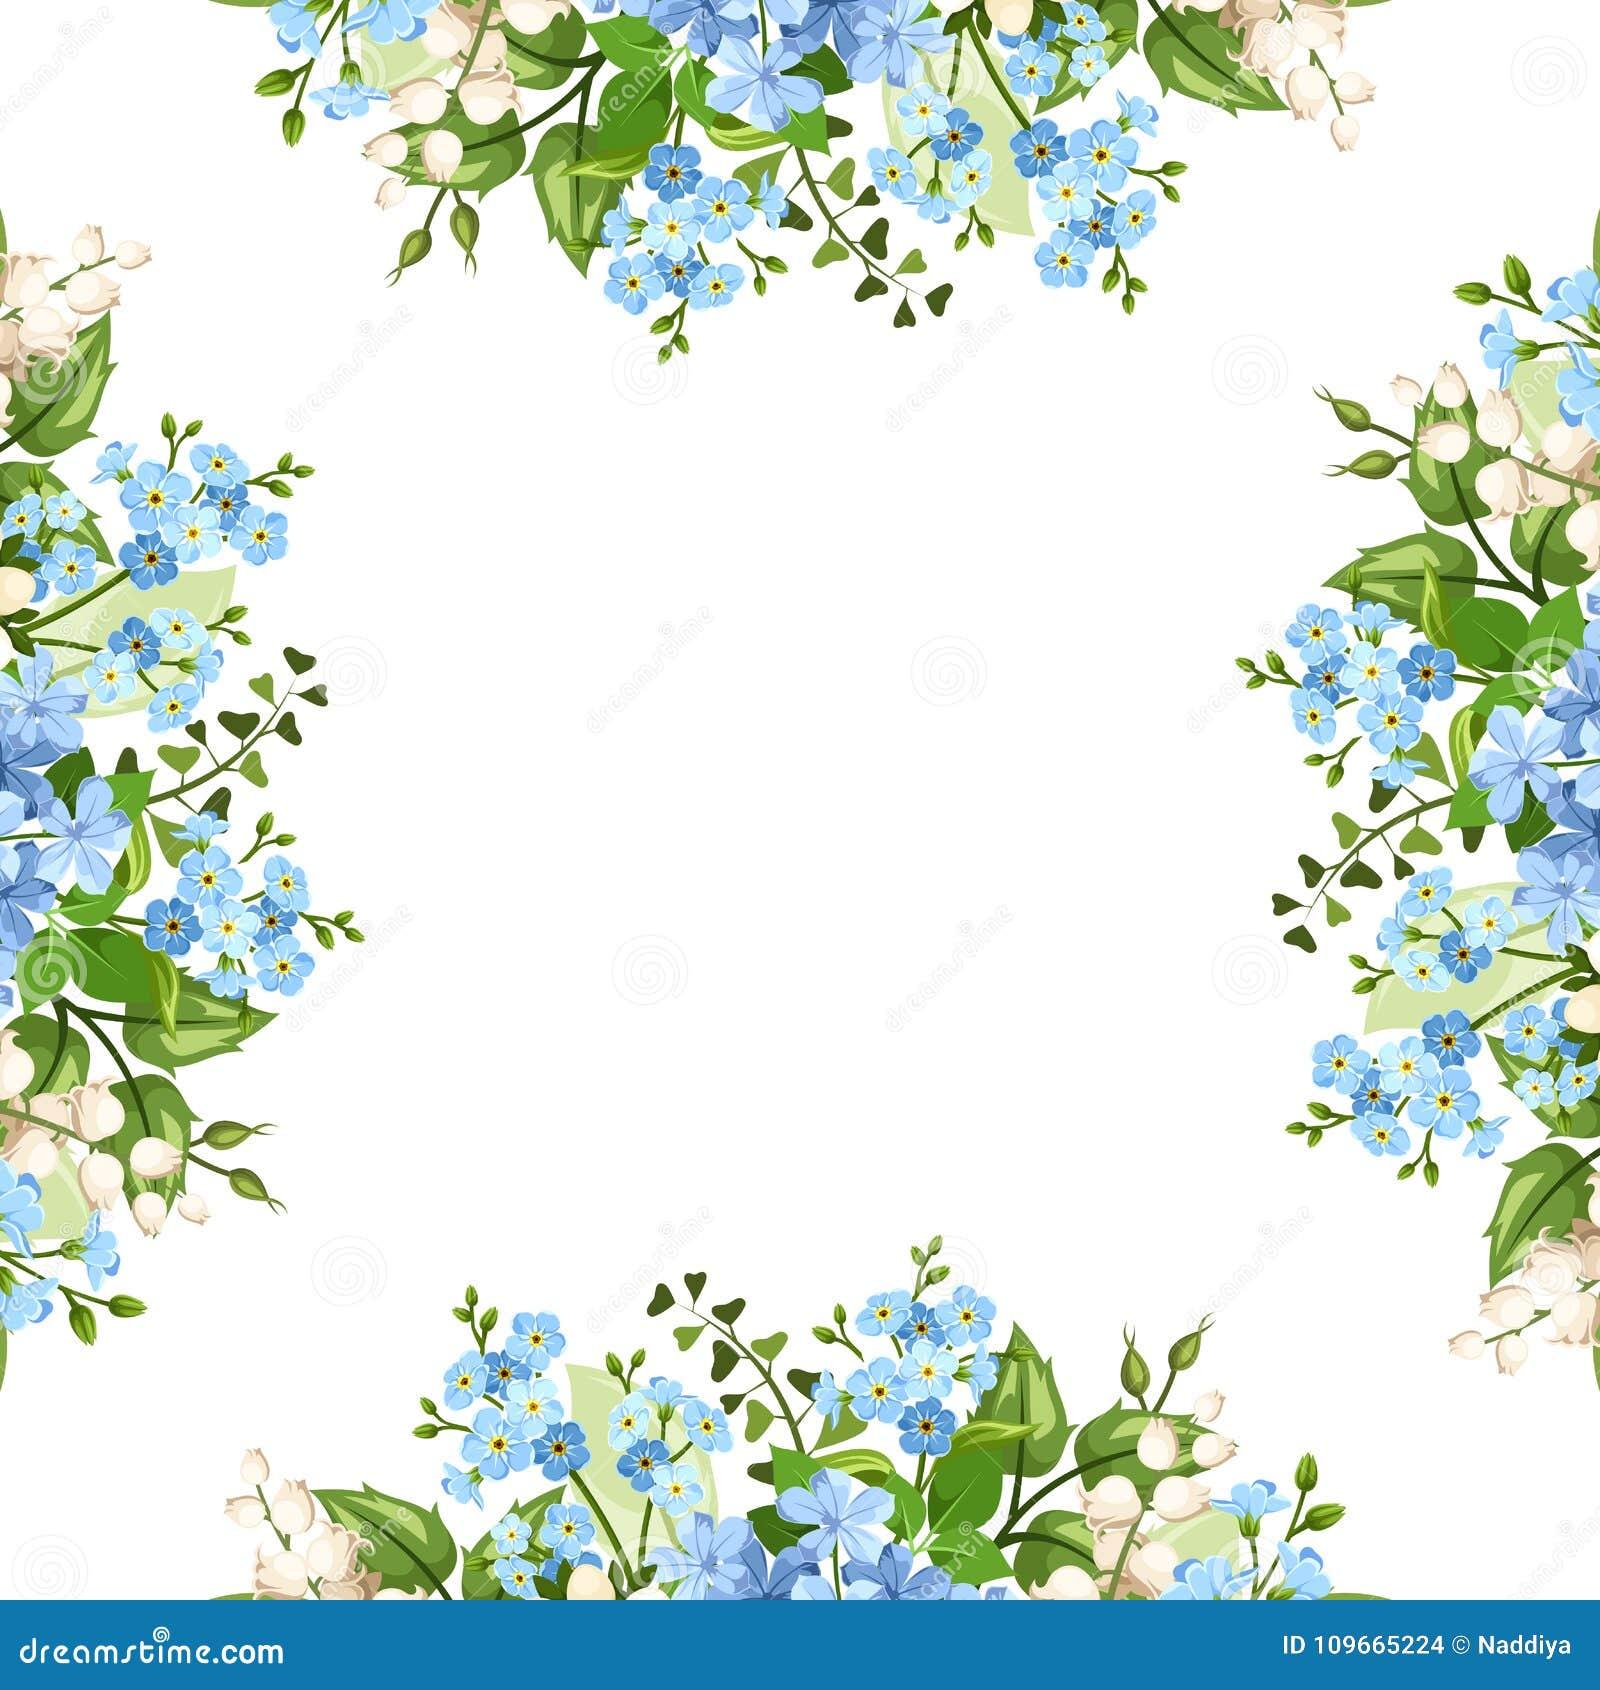 Marco Del Fondo Con Las Flores Azules Y Blancas Ilustracion Del